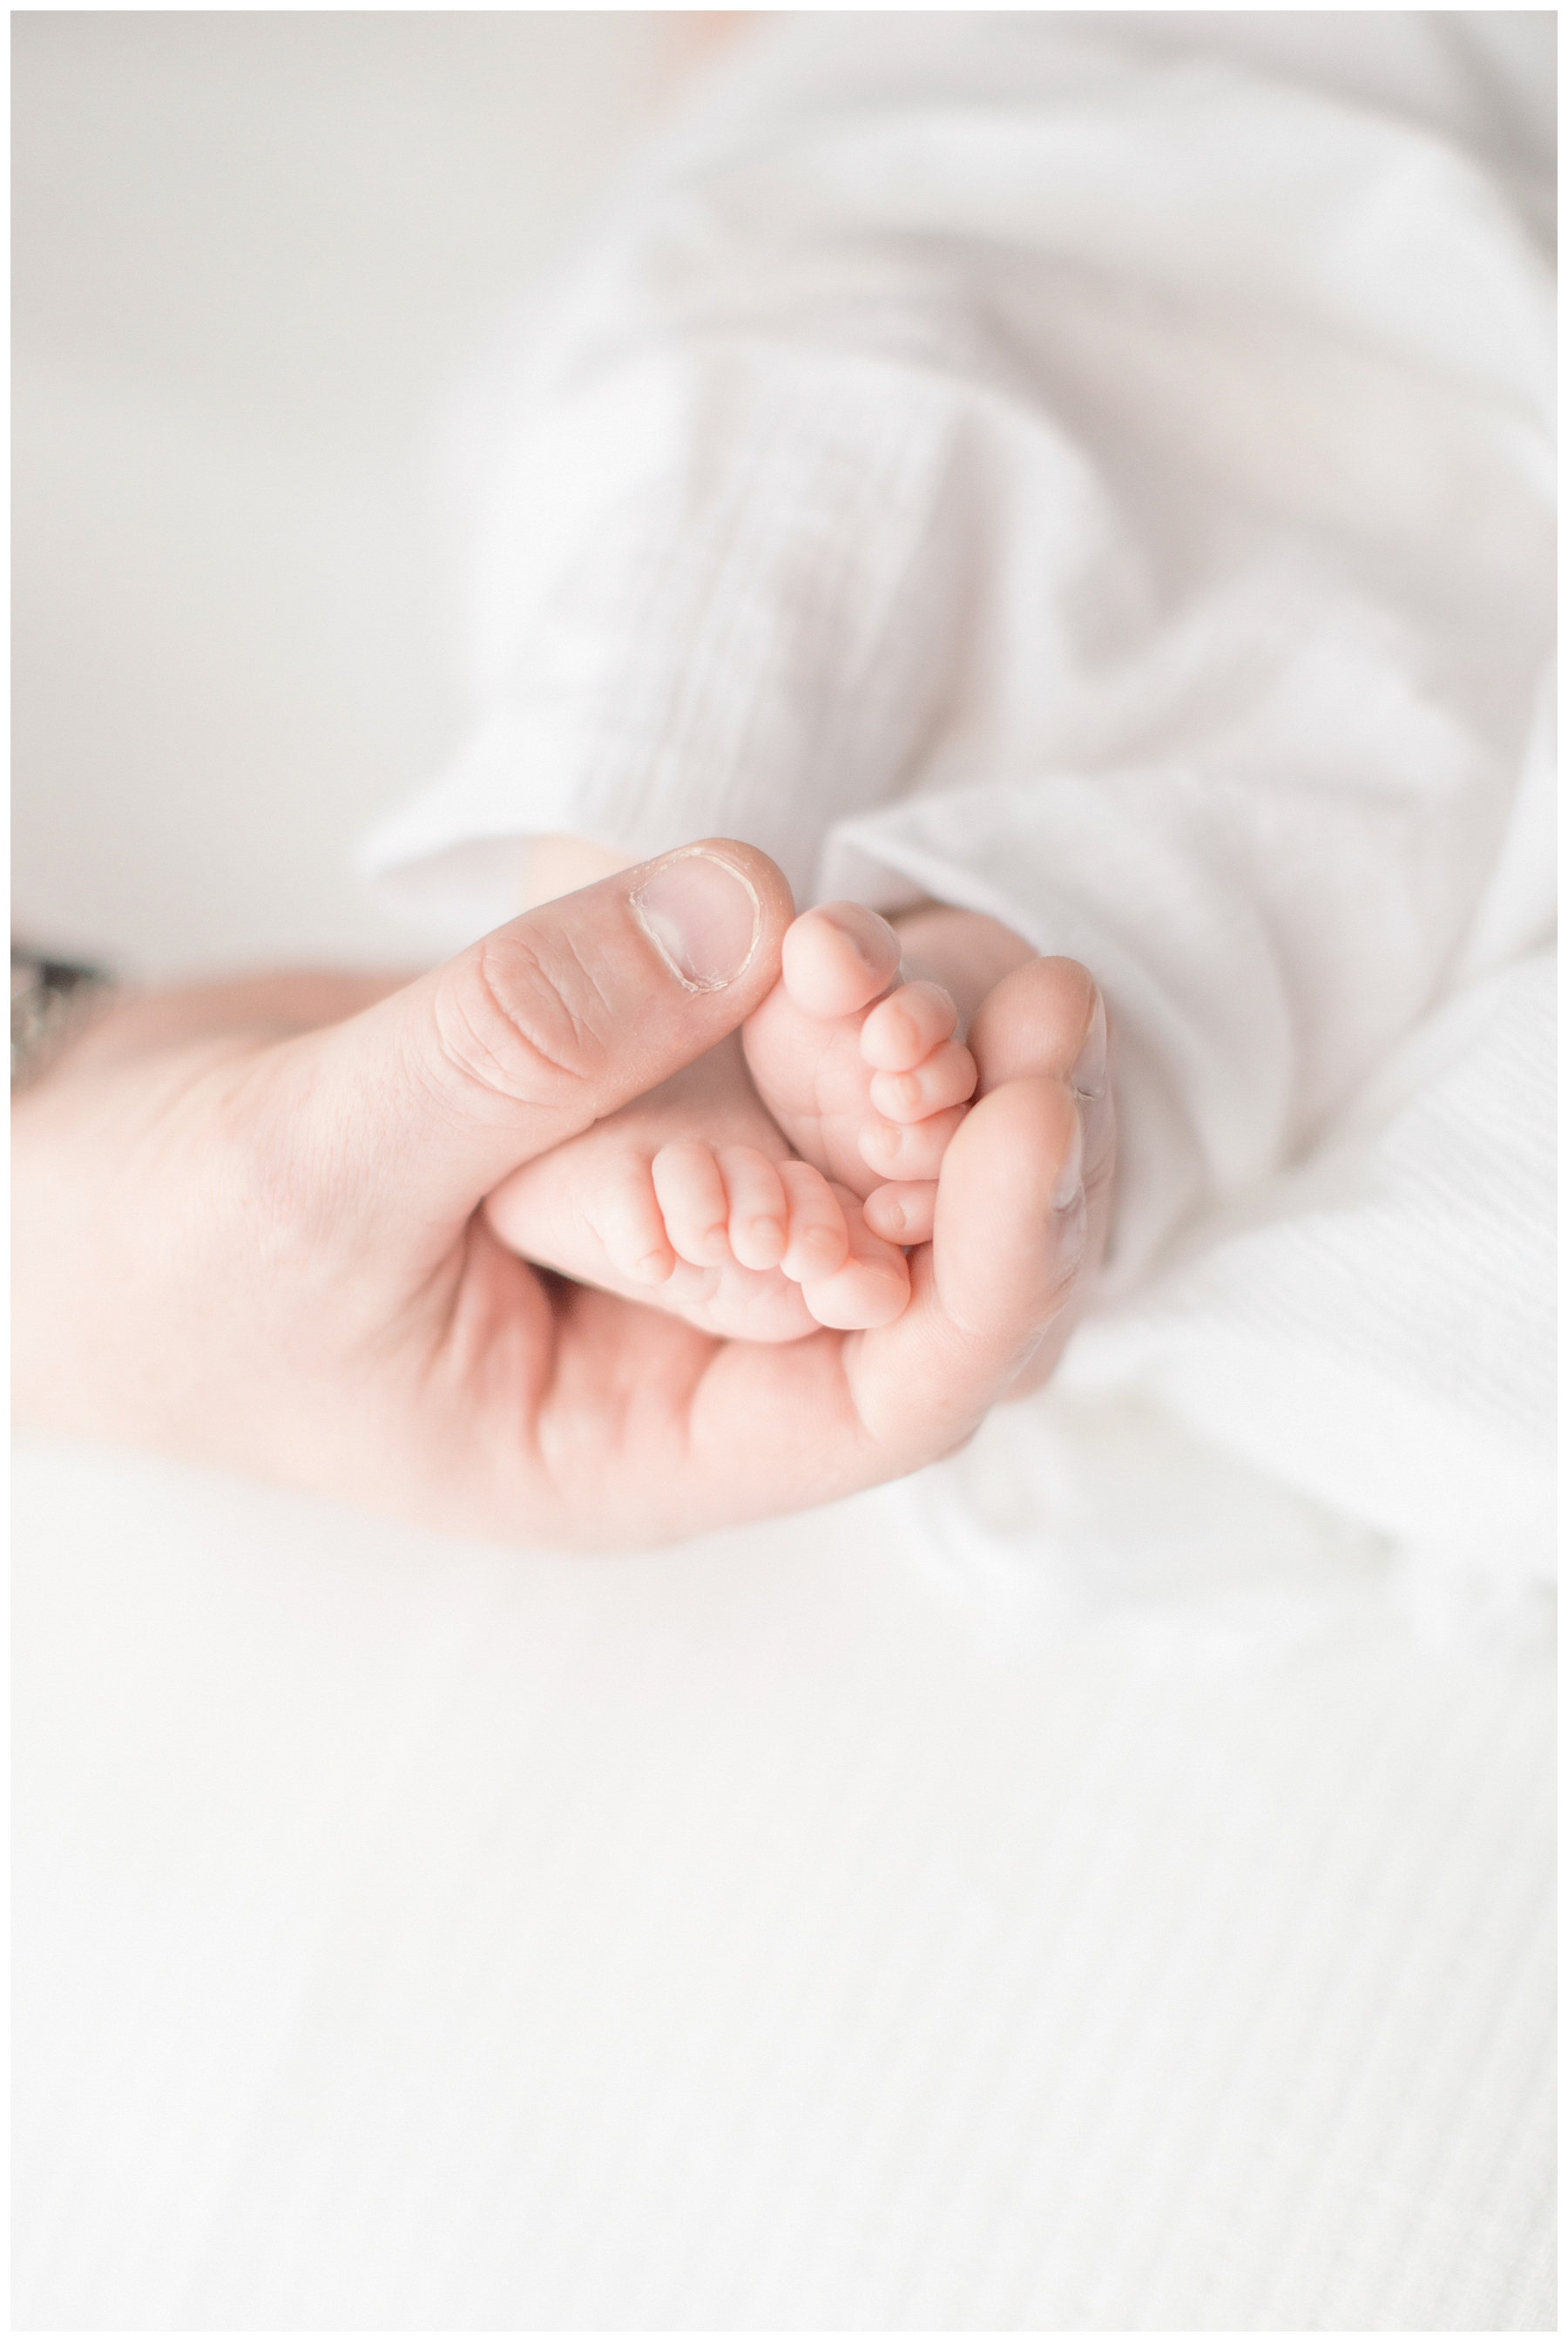 Marie-Alice G-Photographe valognes cherbourg manche normandie - photographe nouveau ne bebe famille_0034